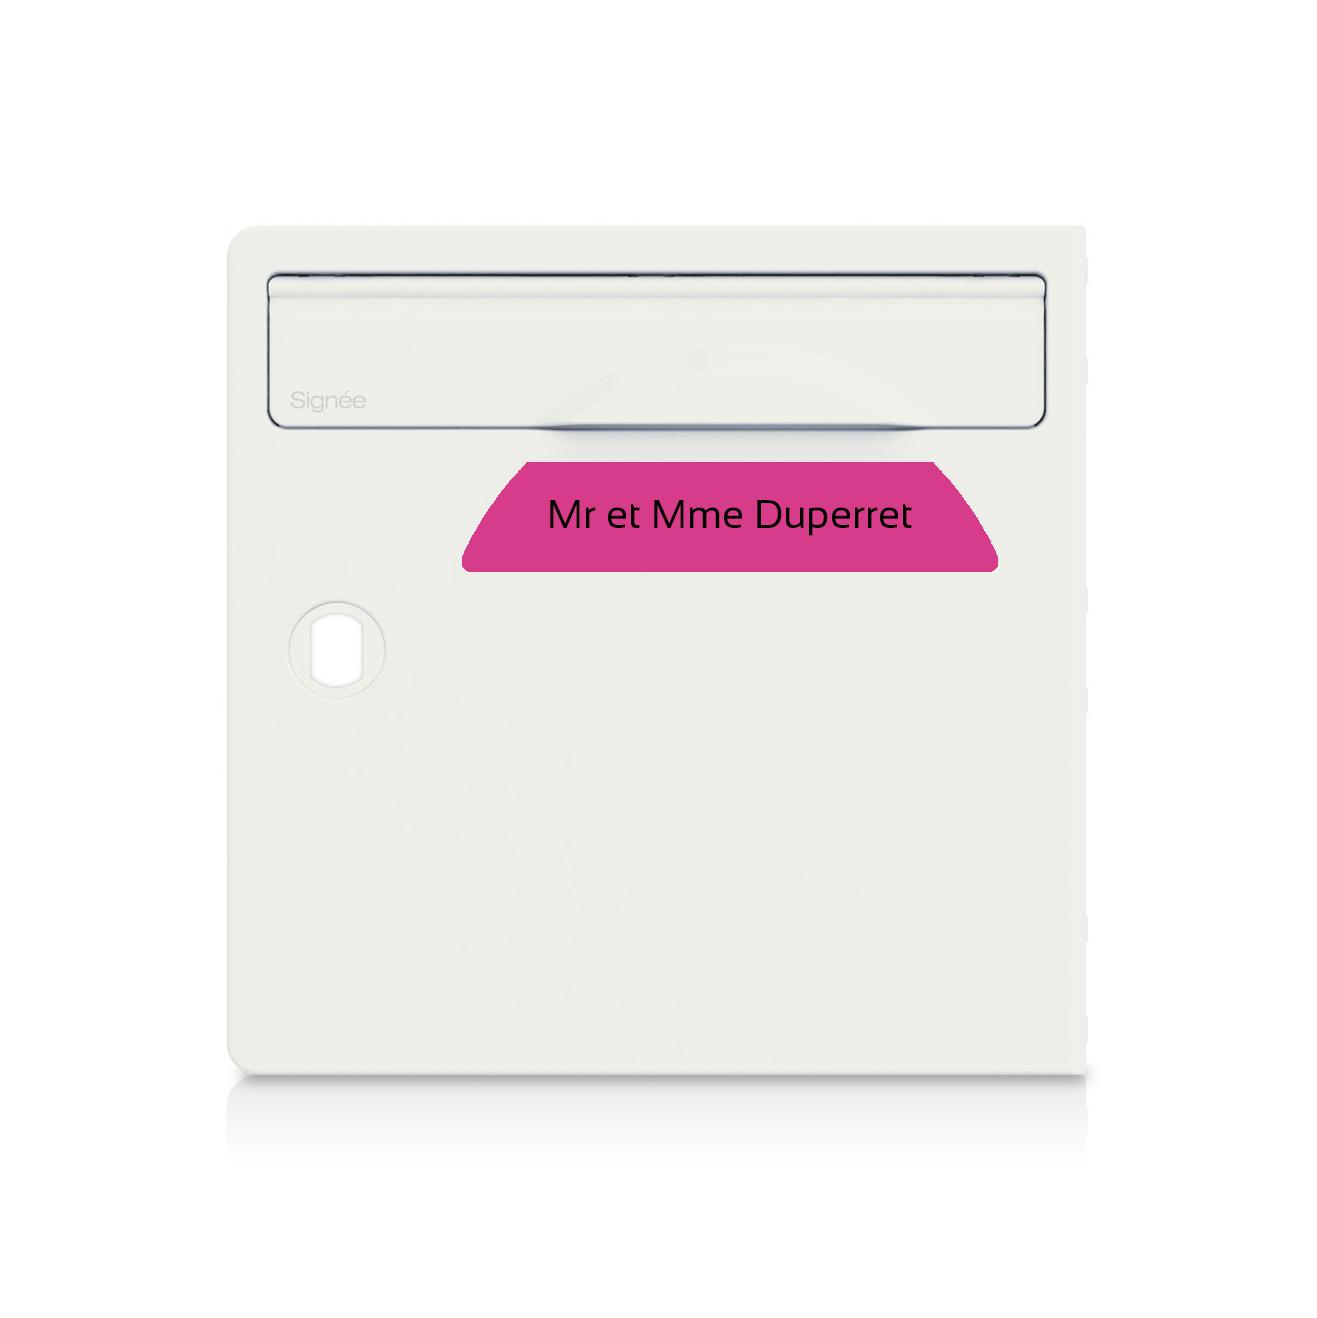 Plaque boite aux lettres Signée rose lettres noires - 1 ligne